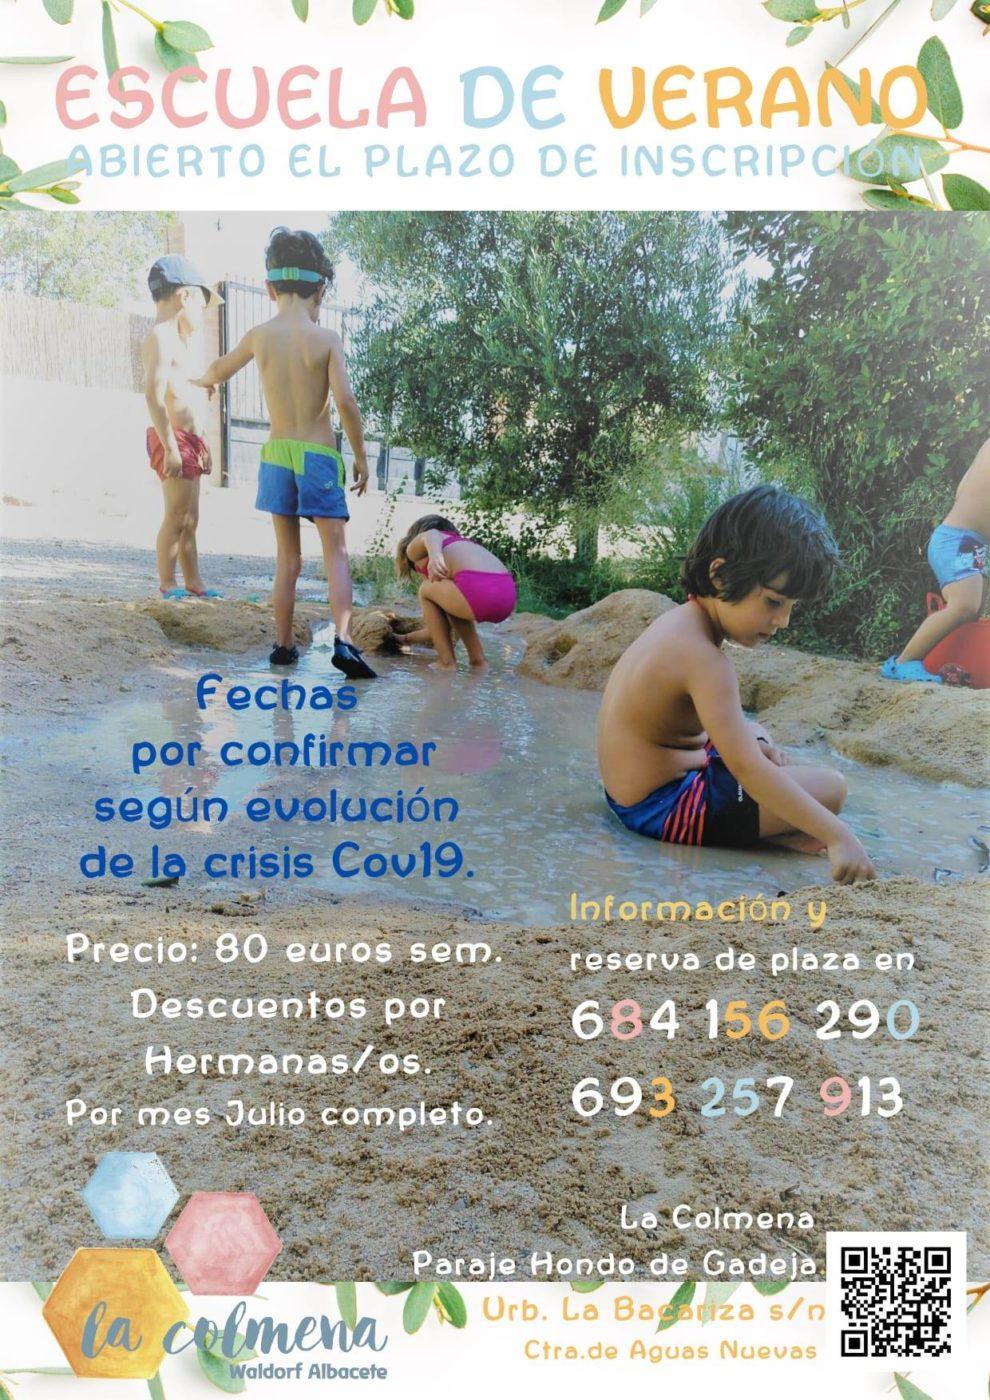 Escuela de Verano Albacete 2020